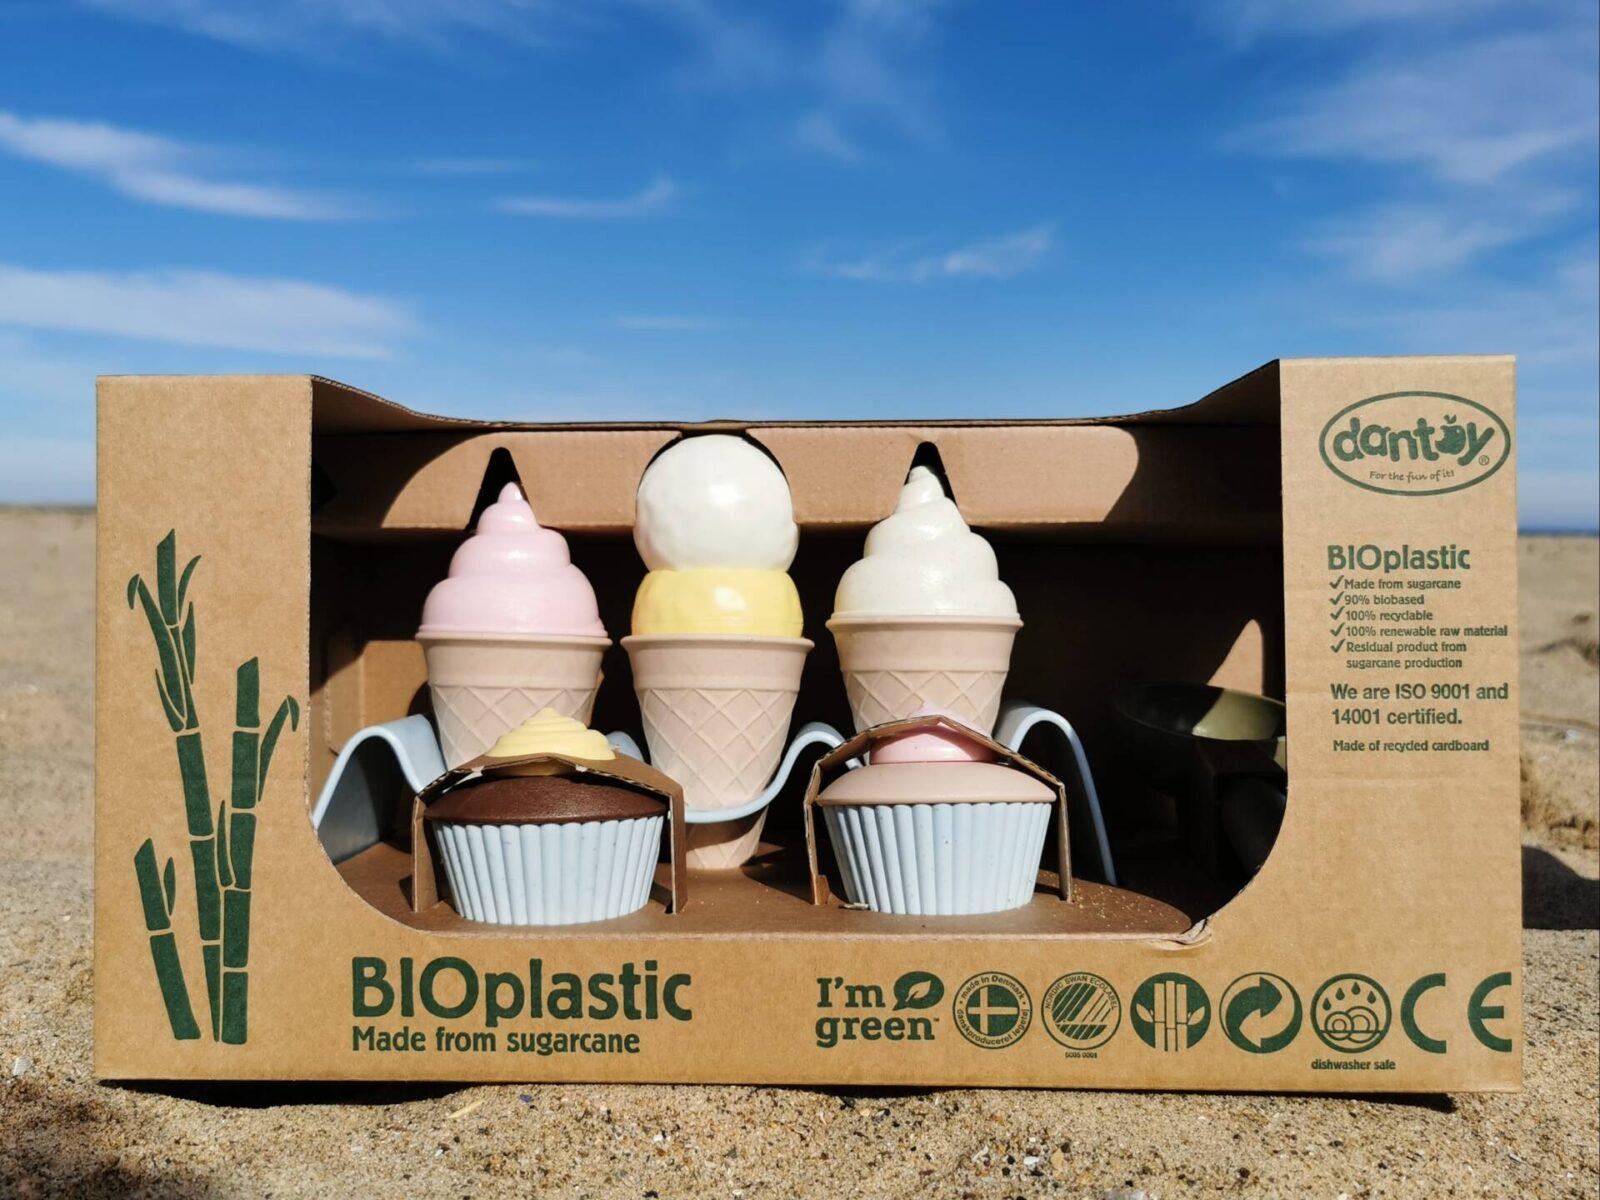 Dantoy Ice Cream Set Review